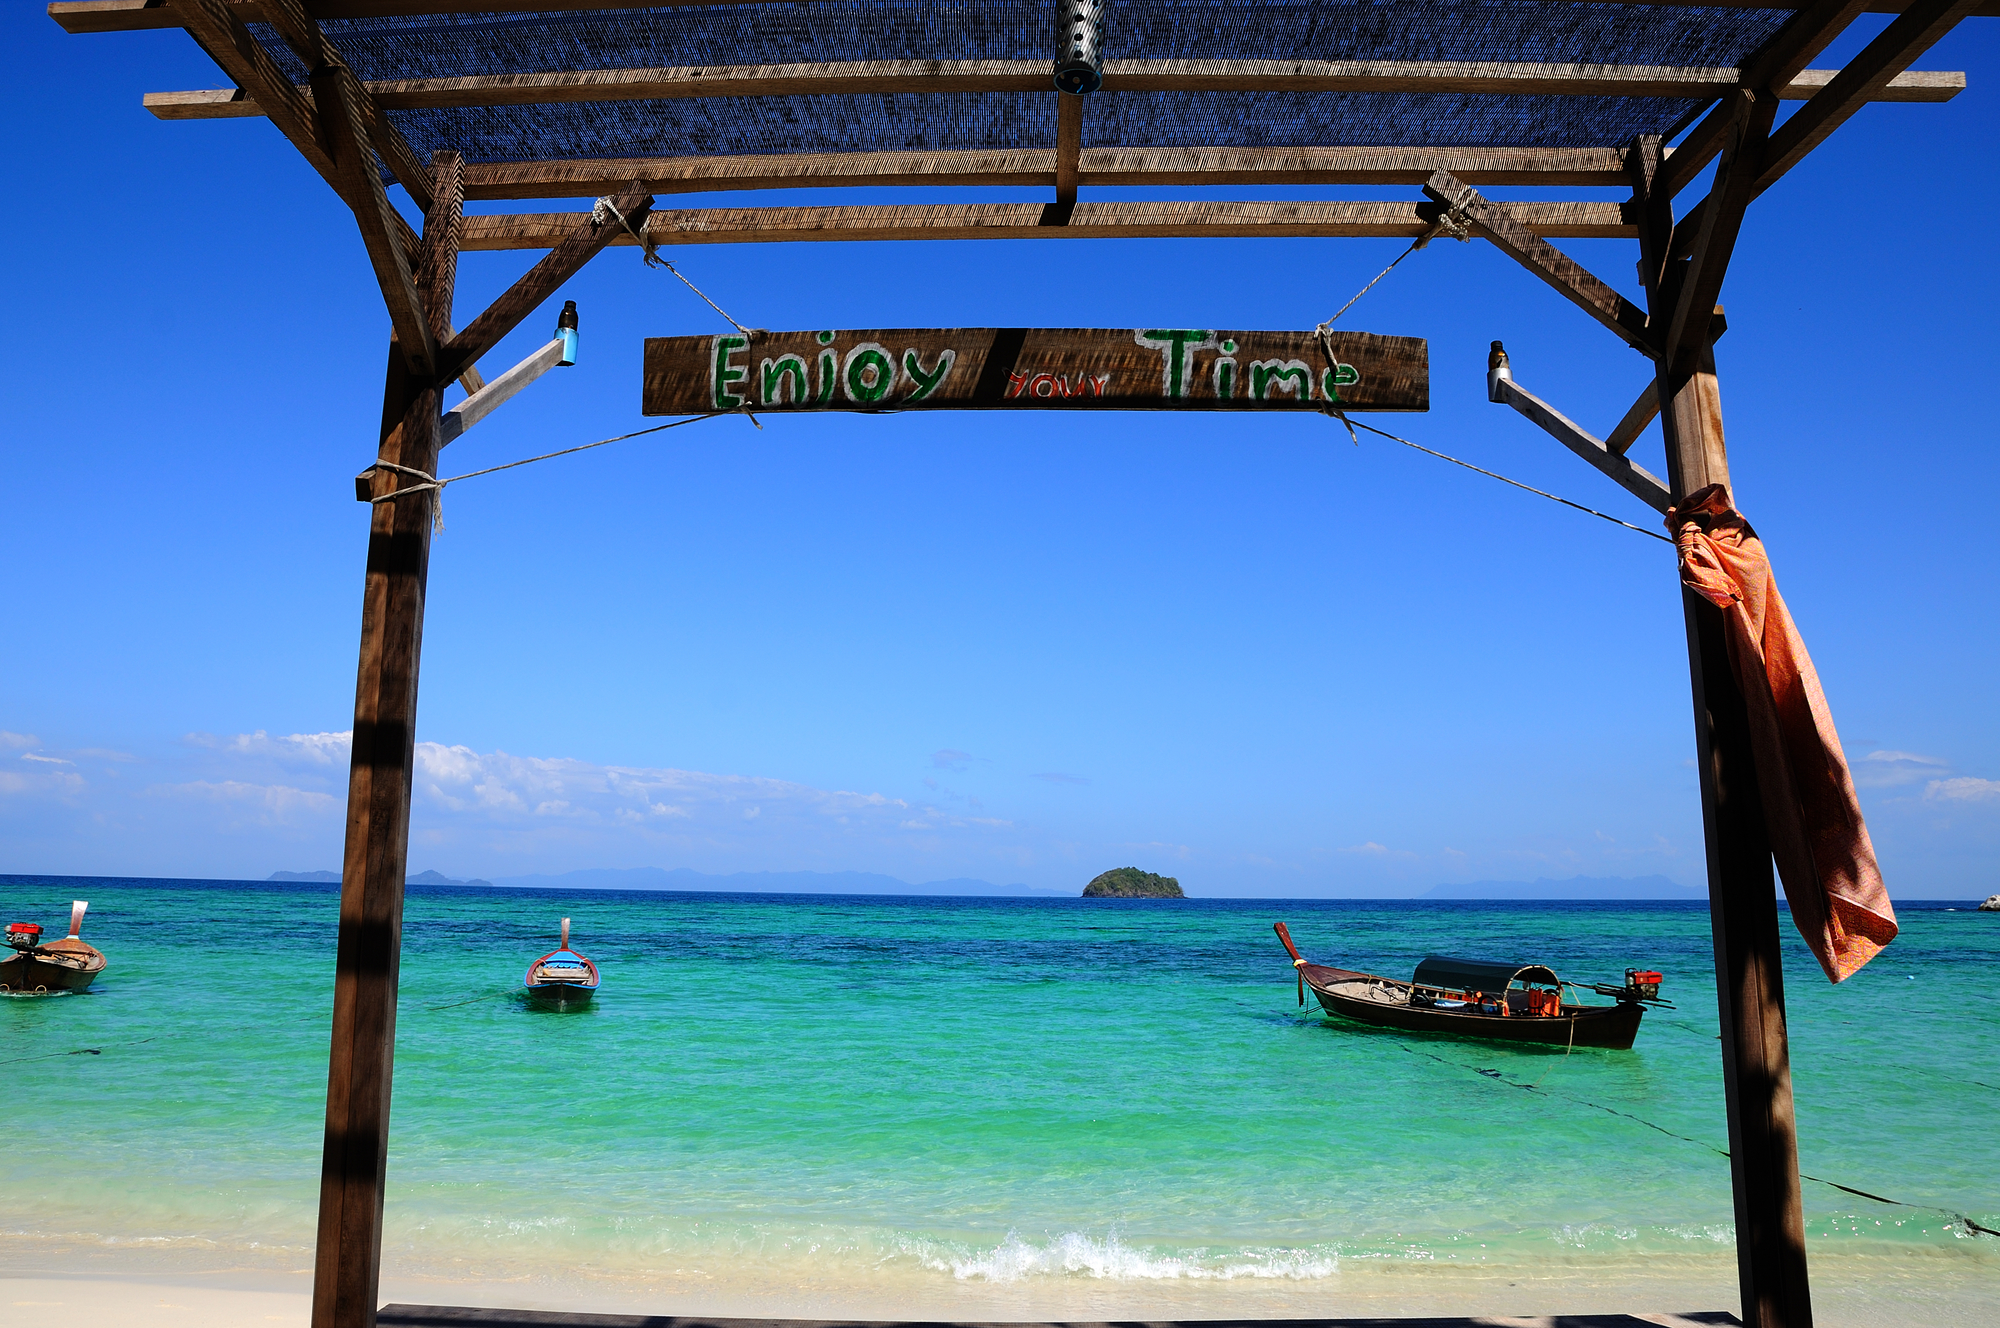 die malediven thailands 16 tage auf koh lipe im beach bungalow mit flug nur 577. Black Bedroom Furniture Sets. Home Design Ideas